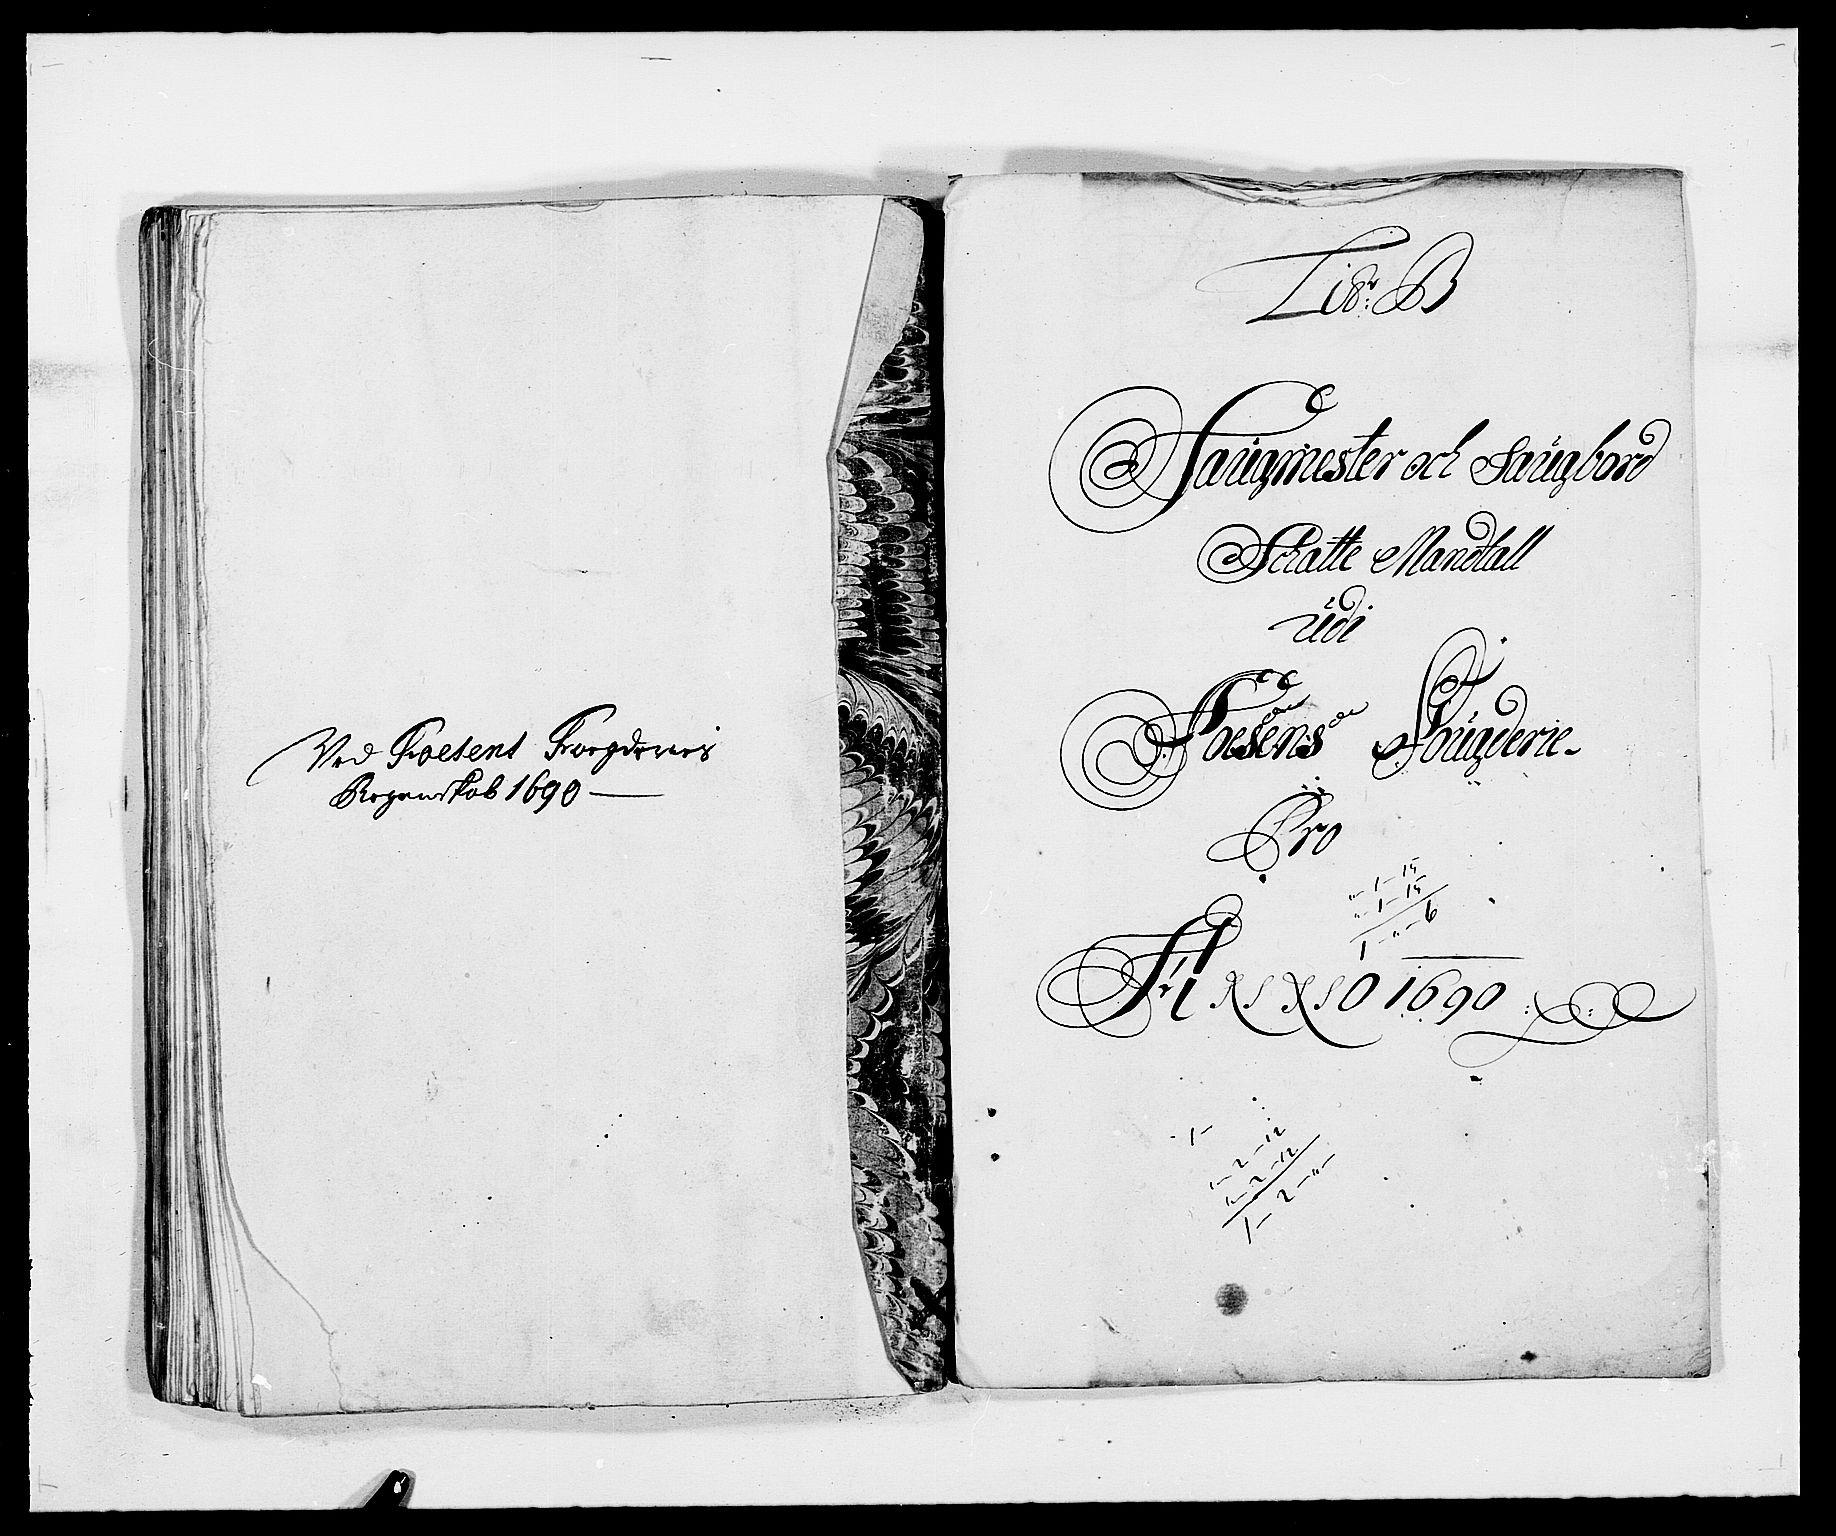 RA, Rentekammeret inntil 1814, Reviderte regnskaper, Fogderegnskap, R57/L3848: Fogderegnskap Fosen, 1690-1691, s. 65